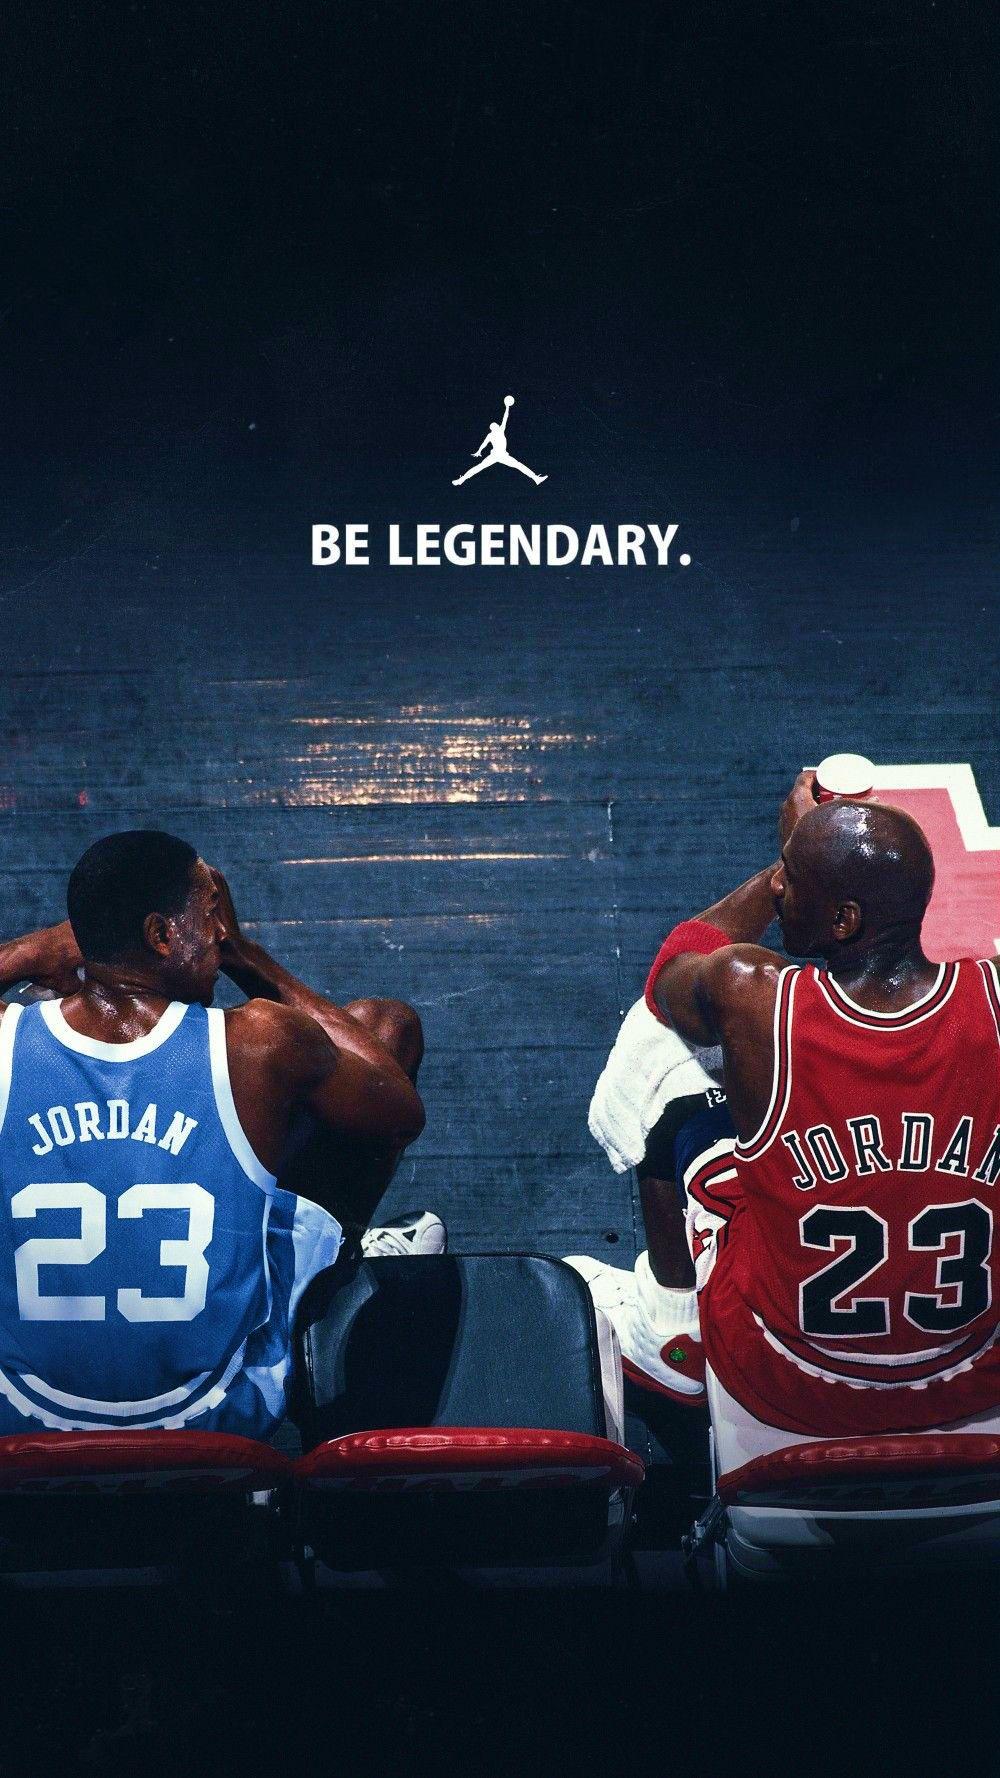 Michael Jordan Phone Wallpapers - Wallpaper Cave